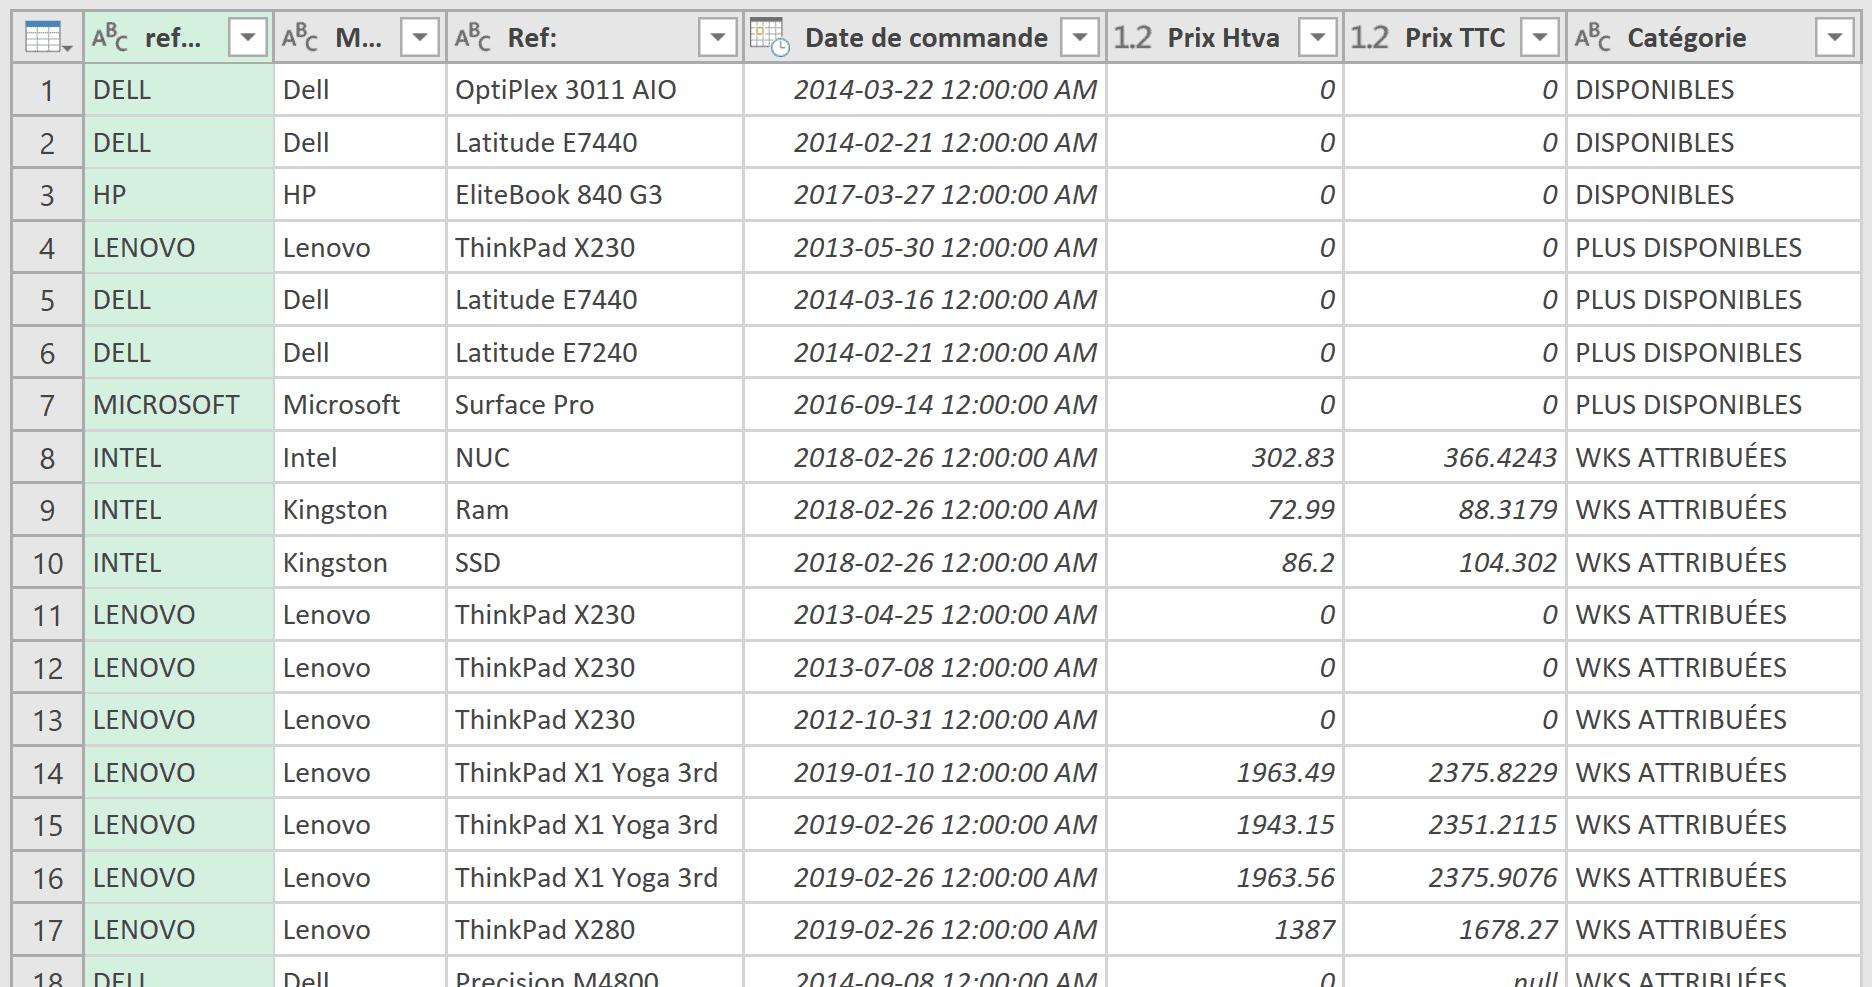 Résultat données transformées